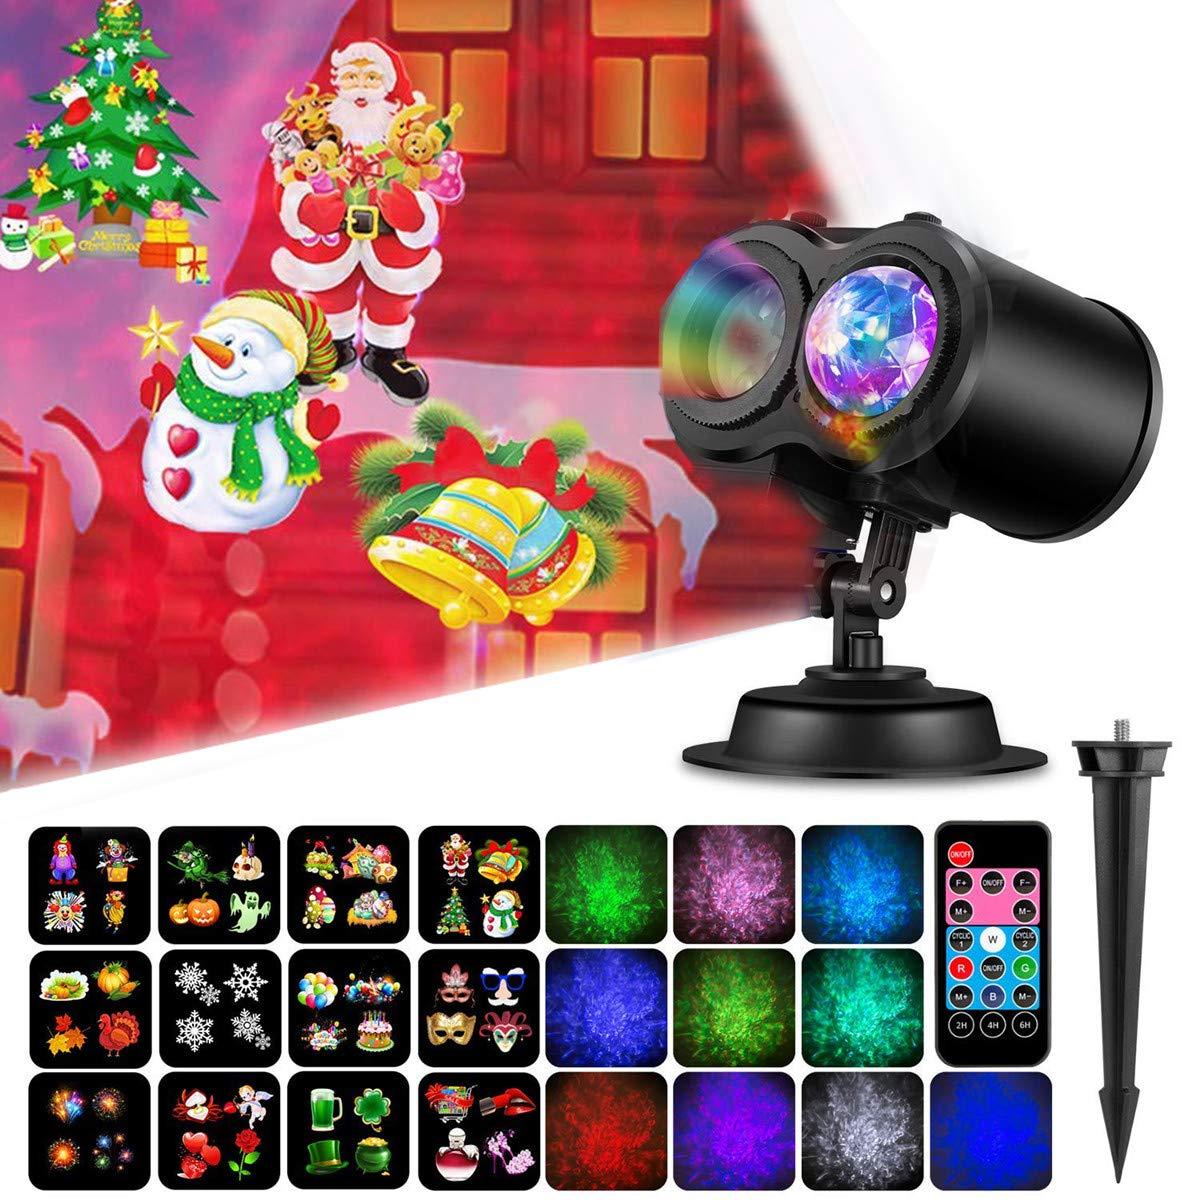 Gohyo Projector Lights for Halloween Christmas Decoration 2 in 1 Ocean Wave Remote Control Waterproof Outdoor Indoor Landscape Lighting